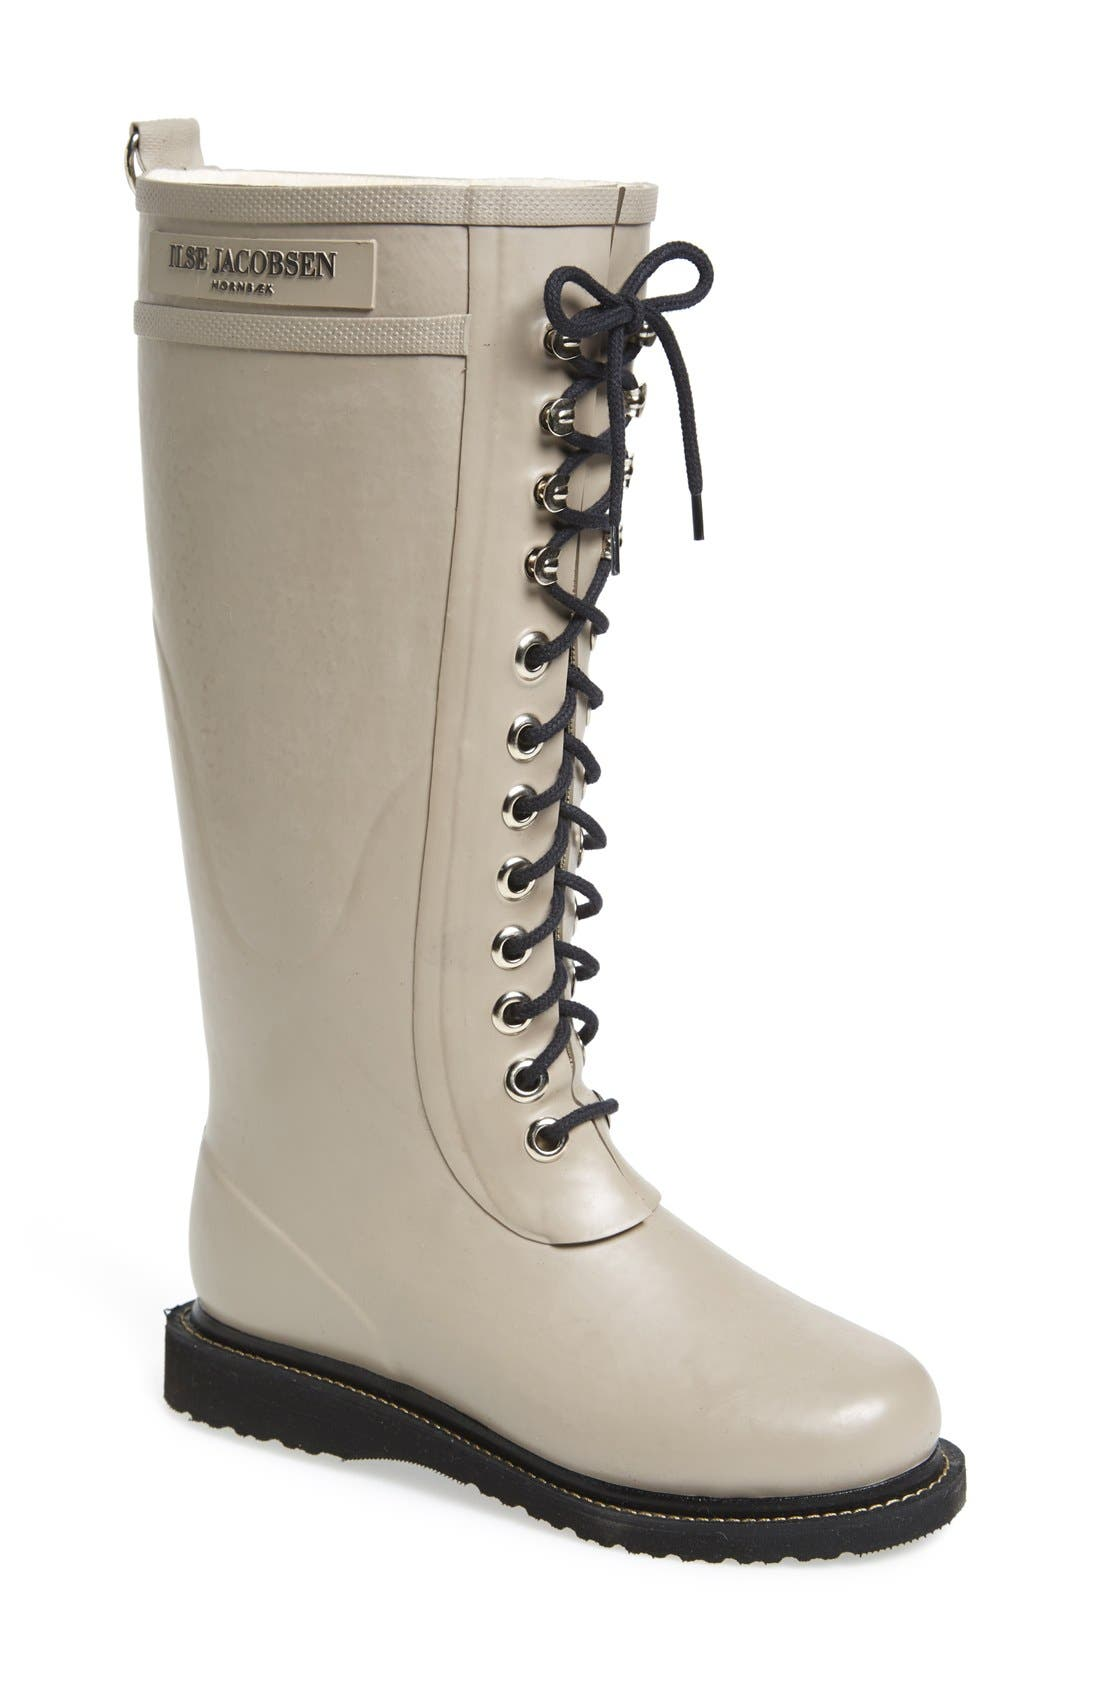 Main Image - Ilse Jacobsen Hornbæk Rubber Boot (Women) (Wide Calf)